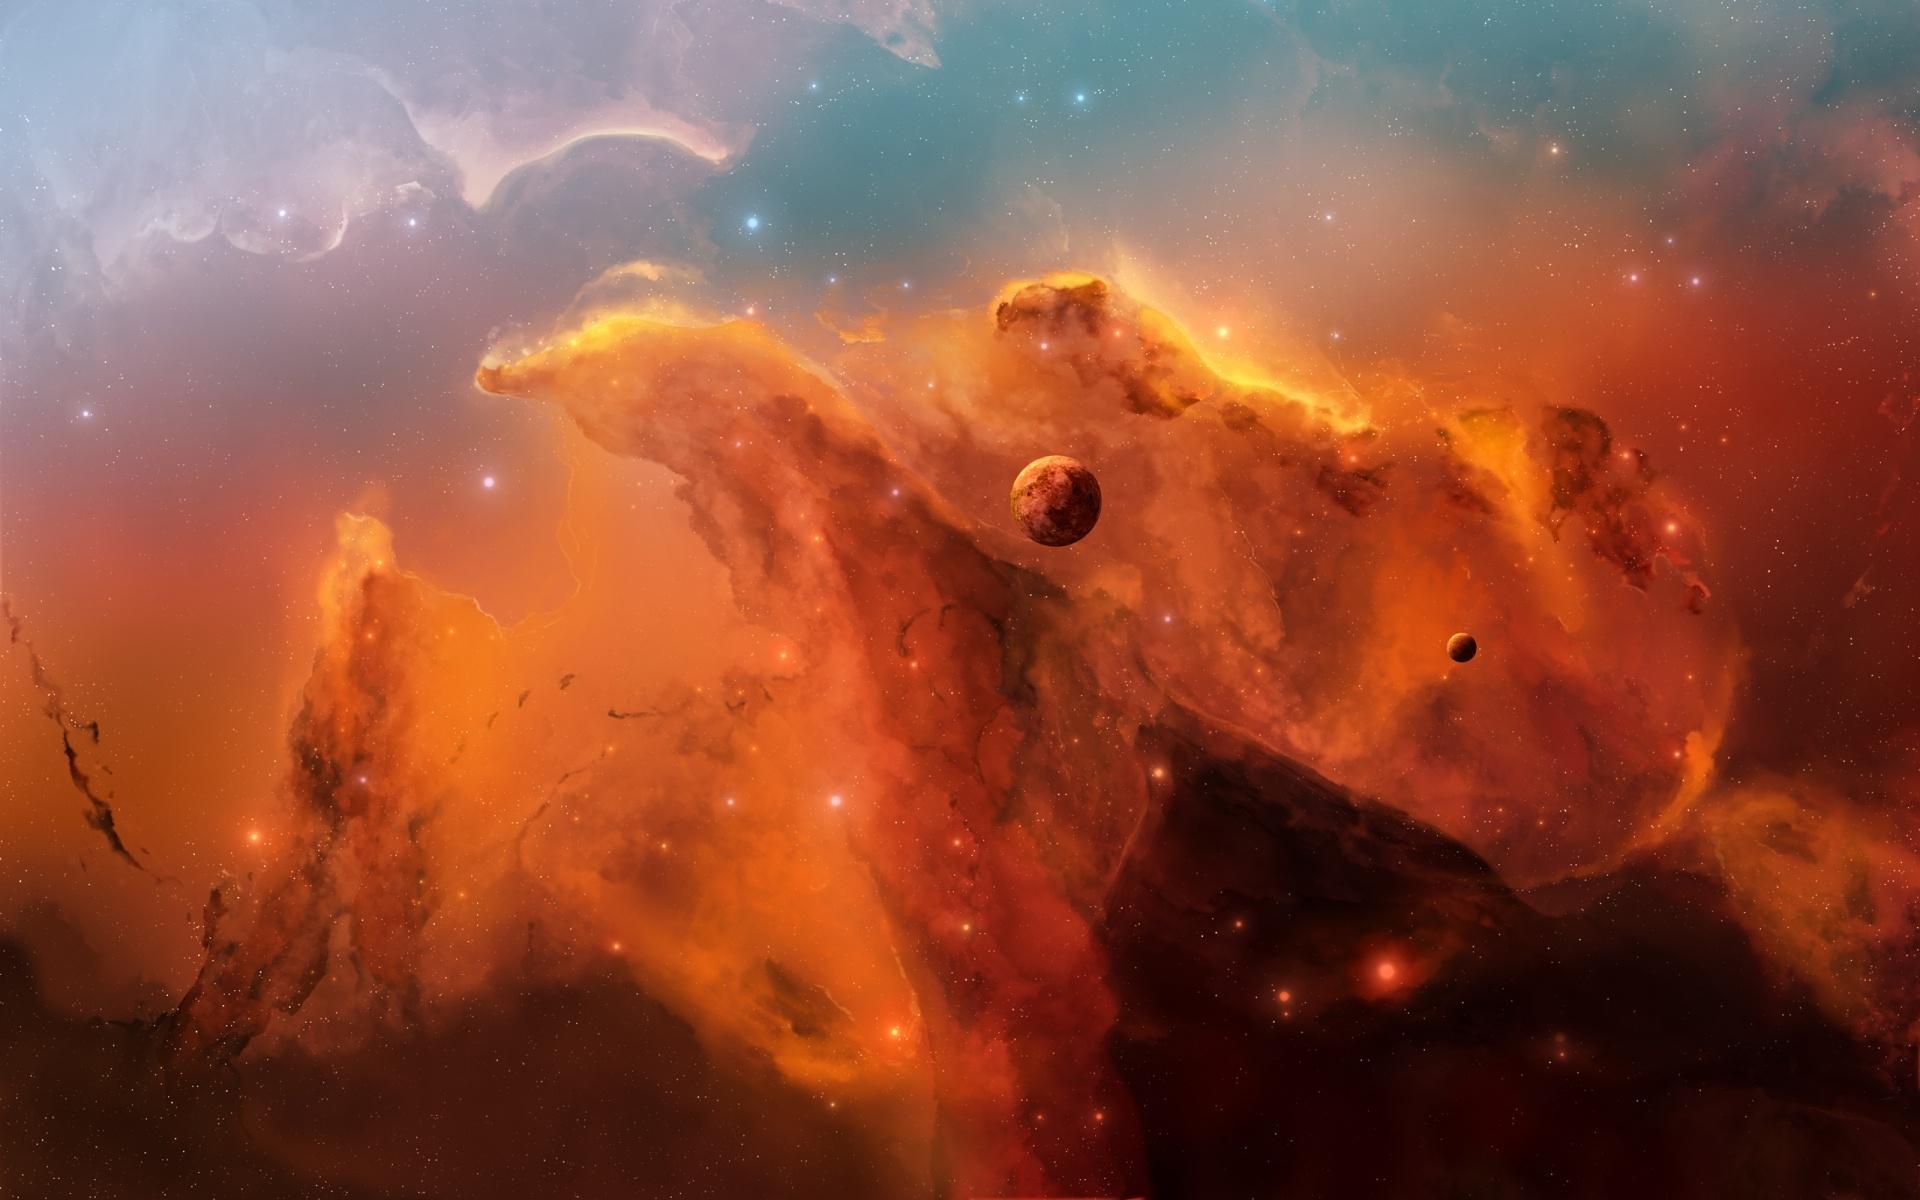 浩瀚宇宙星空唯美高清图片桌面壁纸